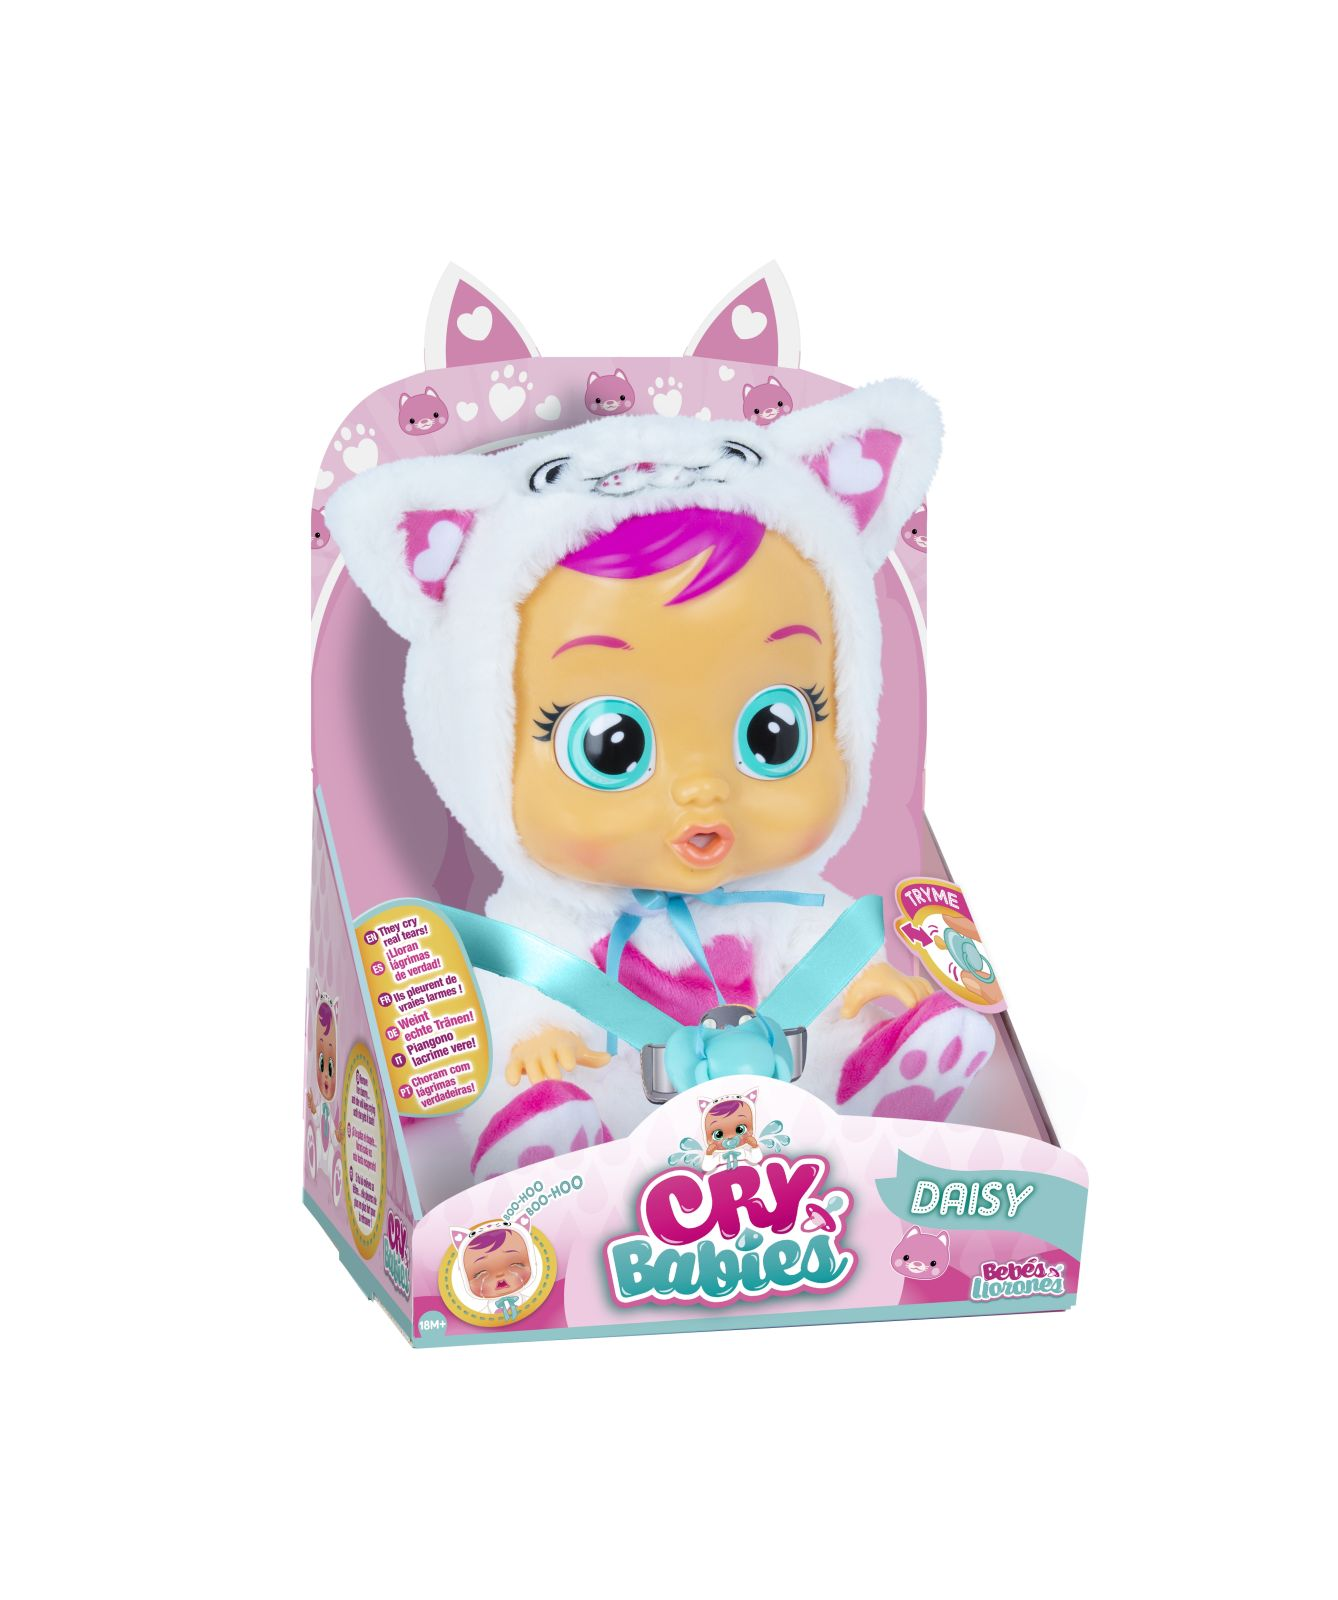 Cry babies  daisy -